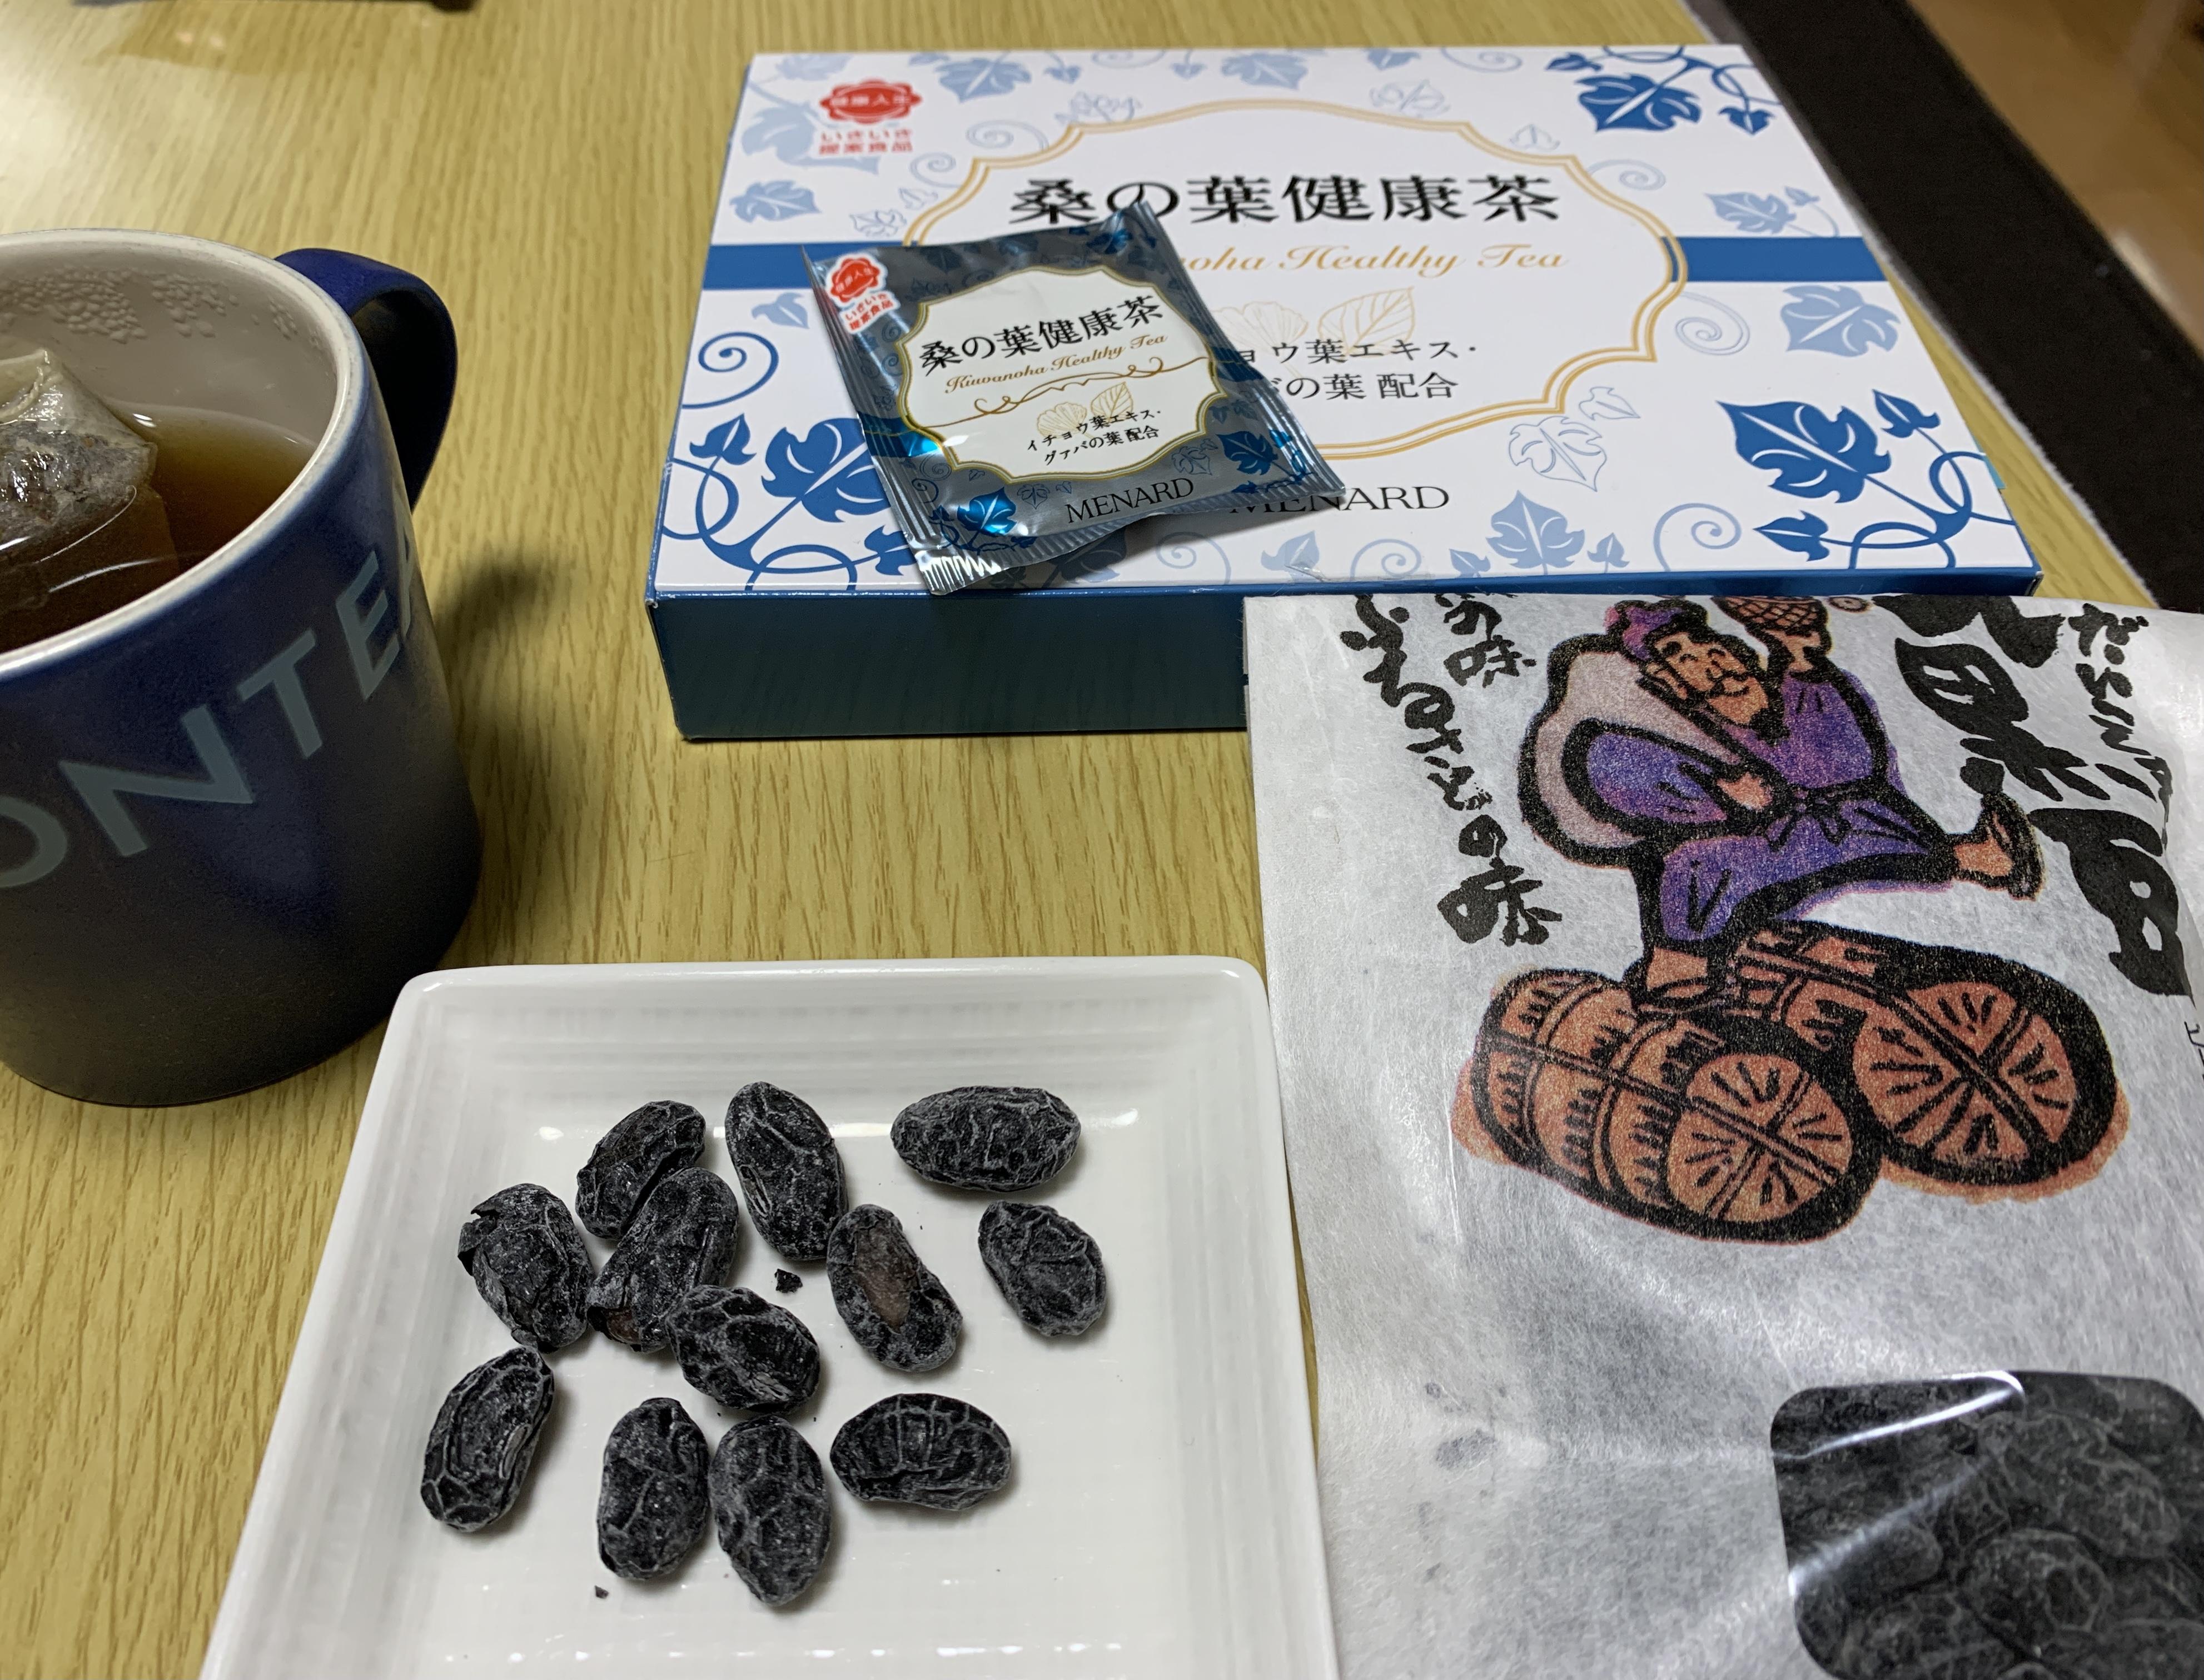 [ブログ]丹波産大黒豆頂きました〜